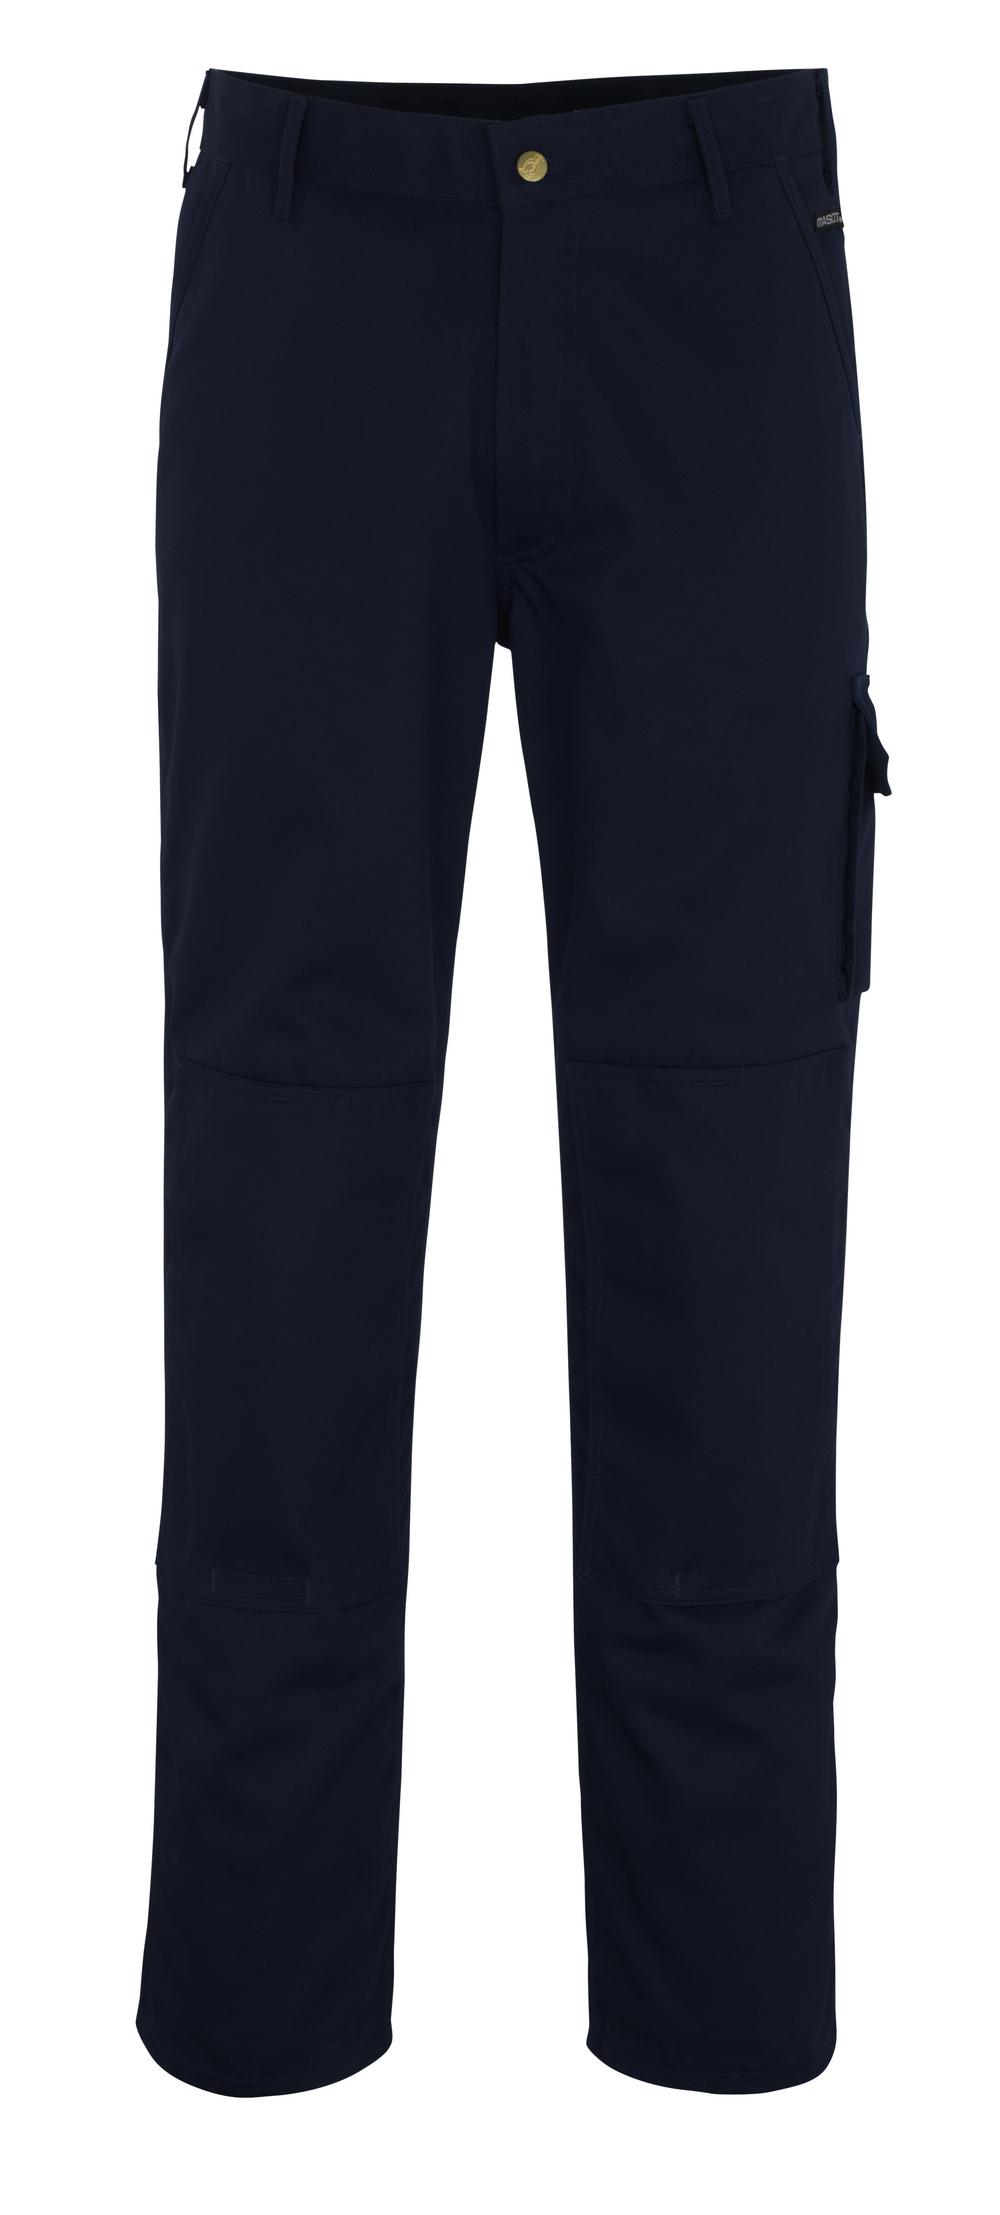 00279-430-01 Spodnie z kieszeniami na kolanach - granat